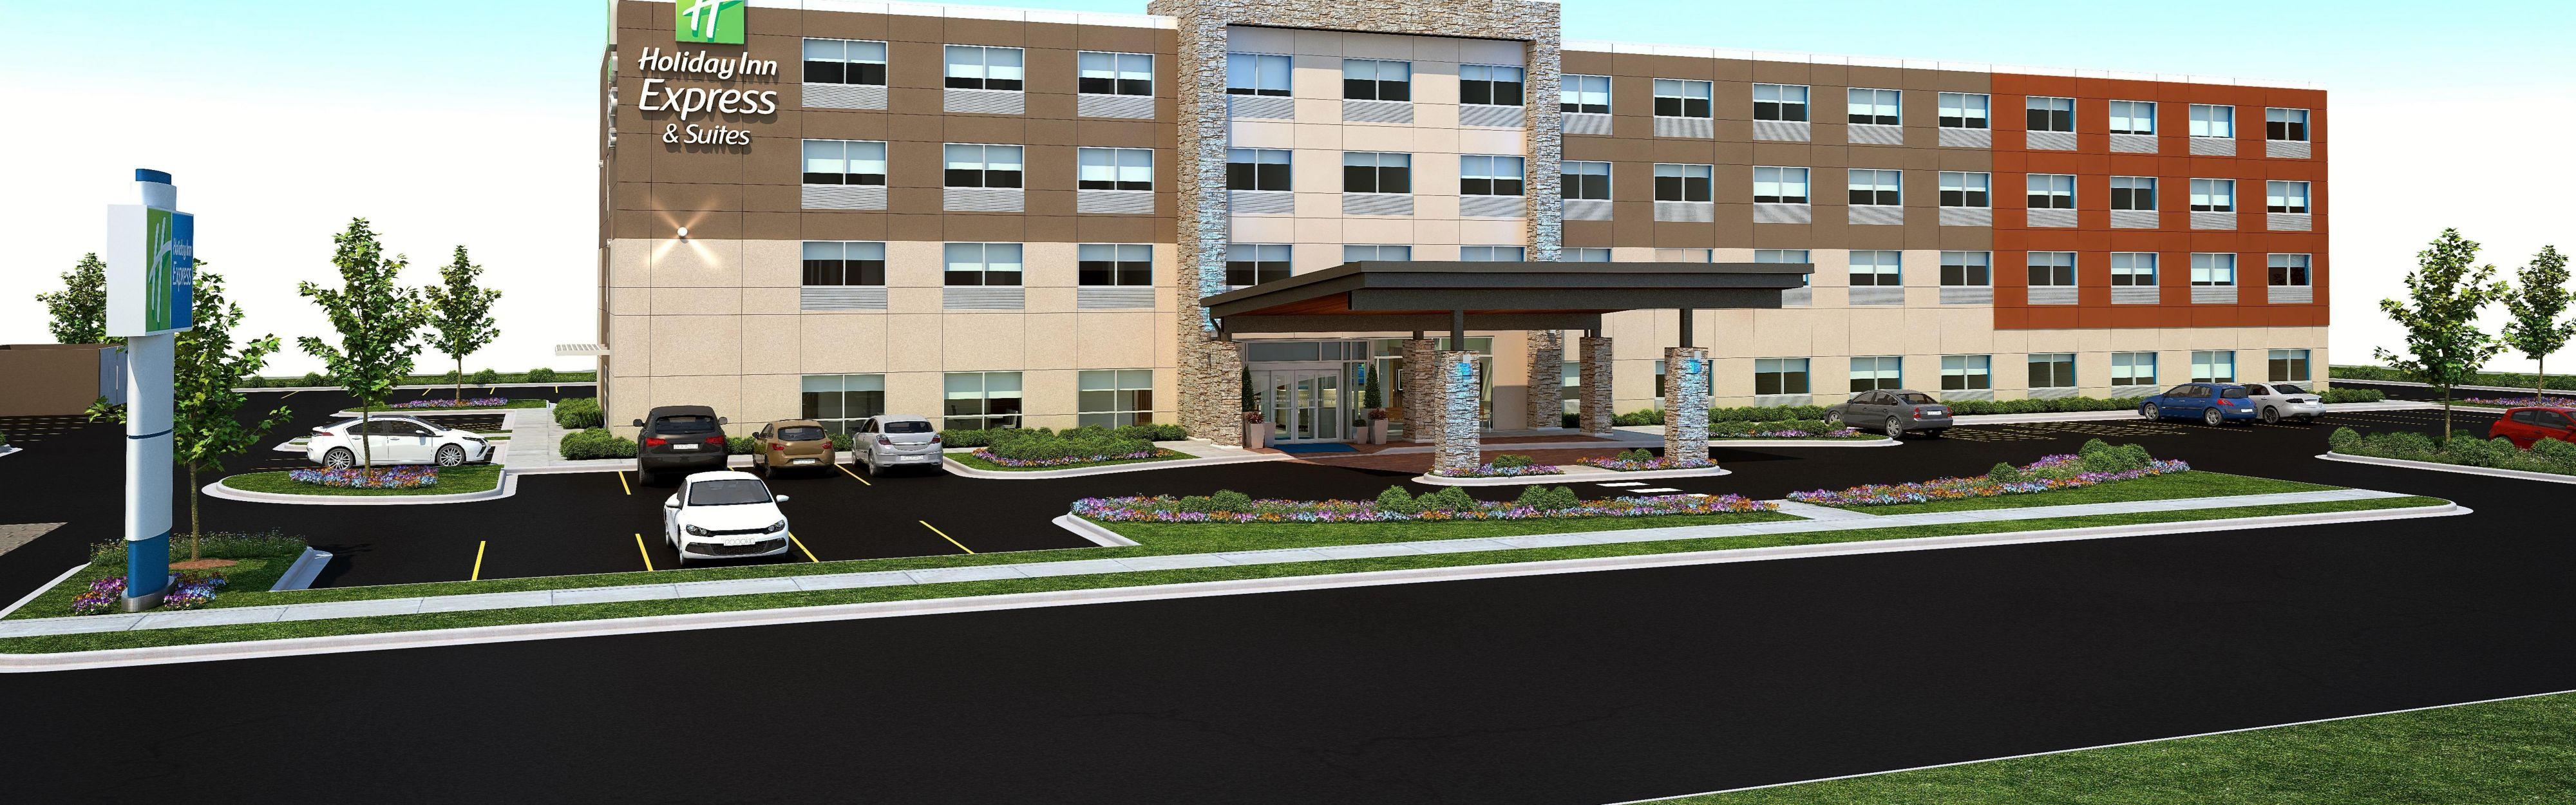 Holiday Inn Express & Suites Platteville image 0